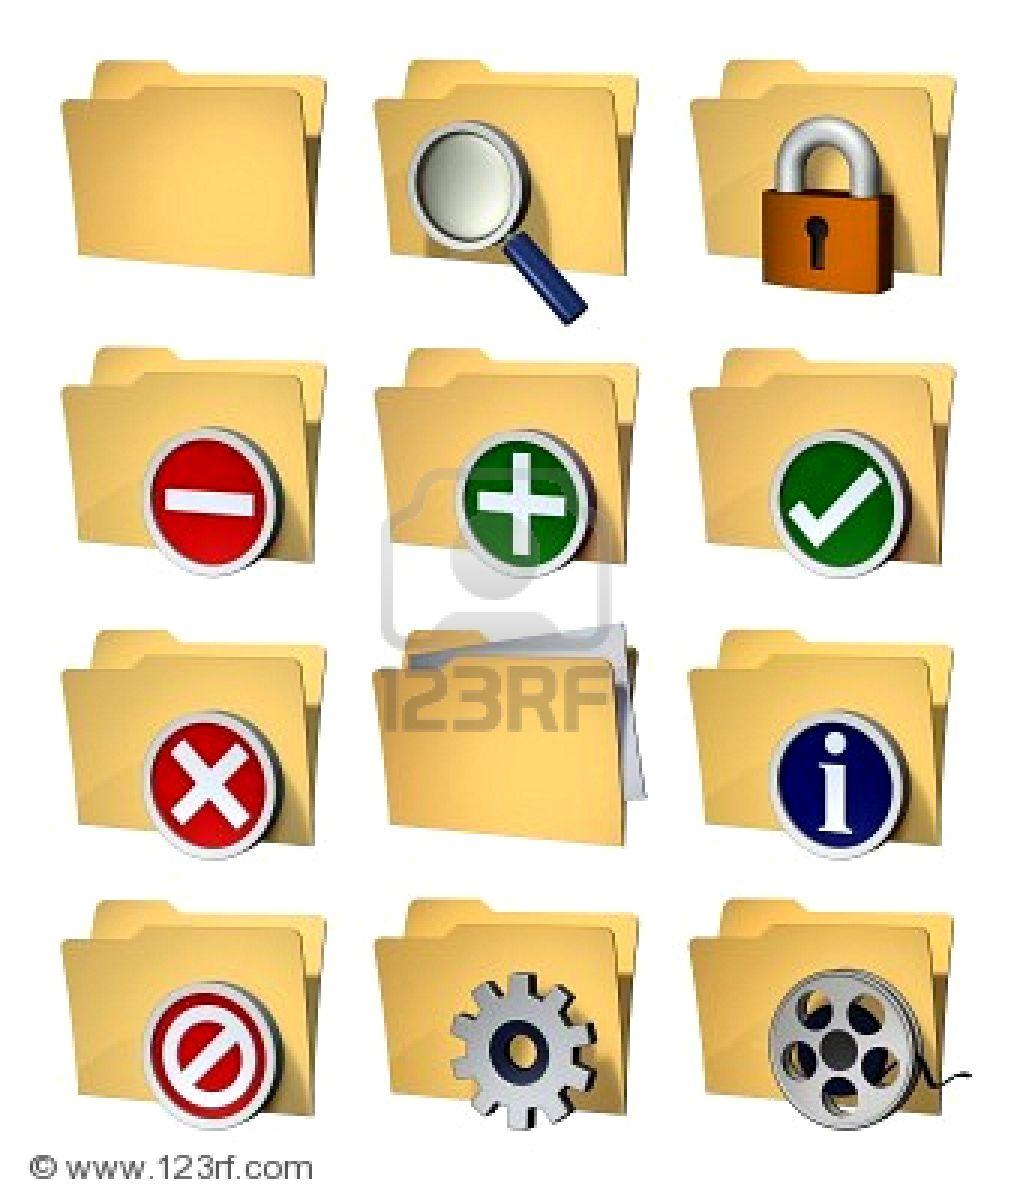 el tipo de sistema de archivos es raw: